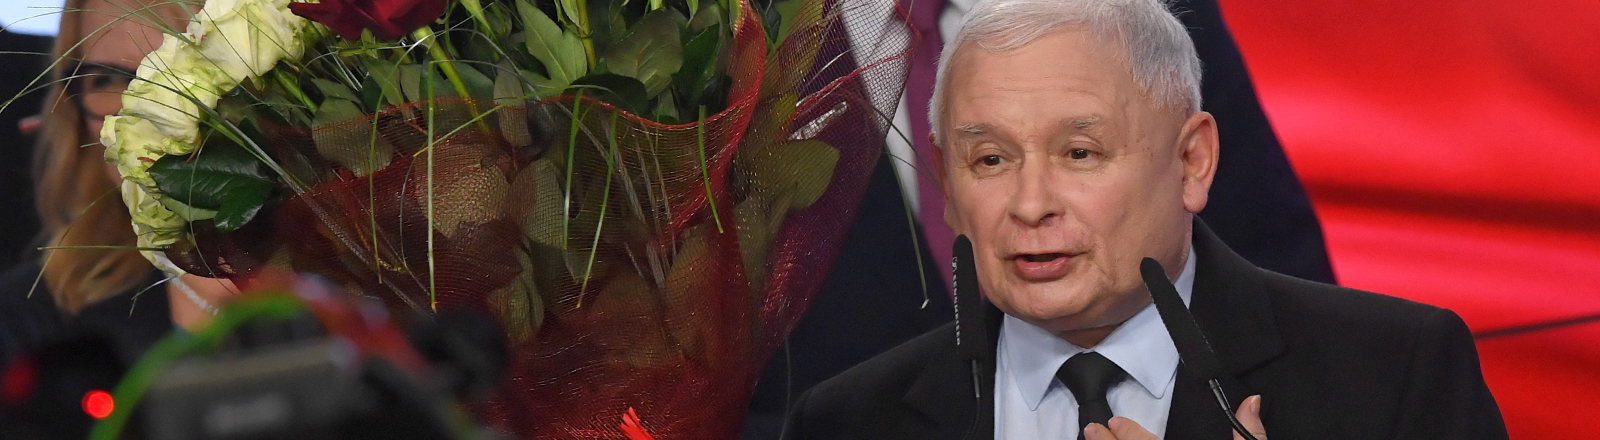 PiS-Parteichef Jaroslaw Kaczynsk